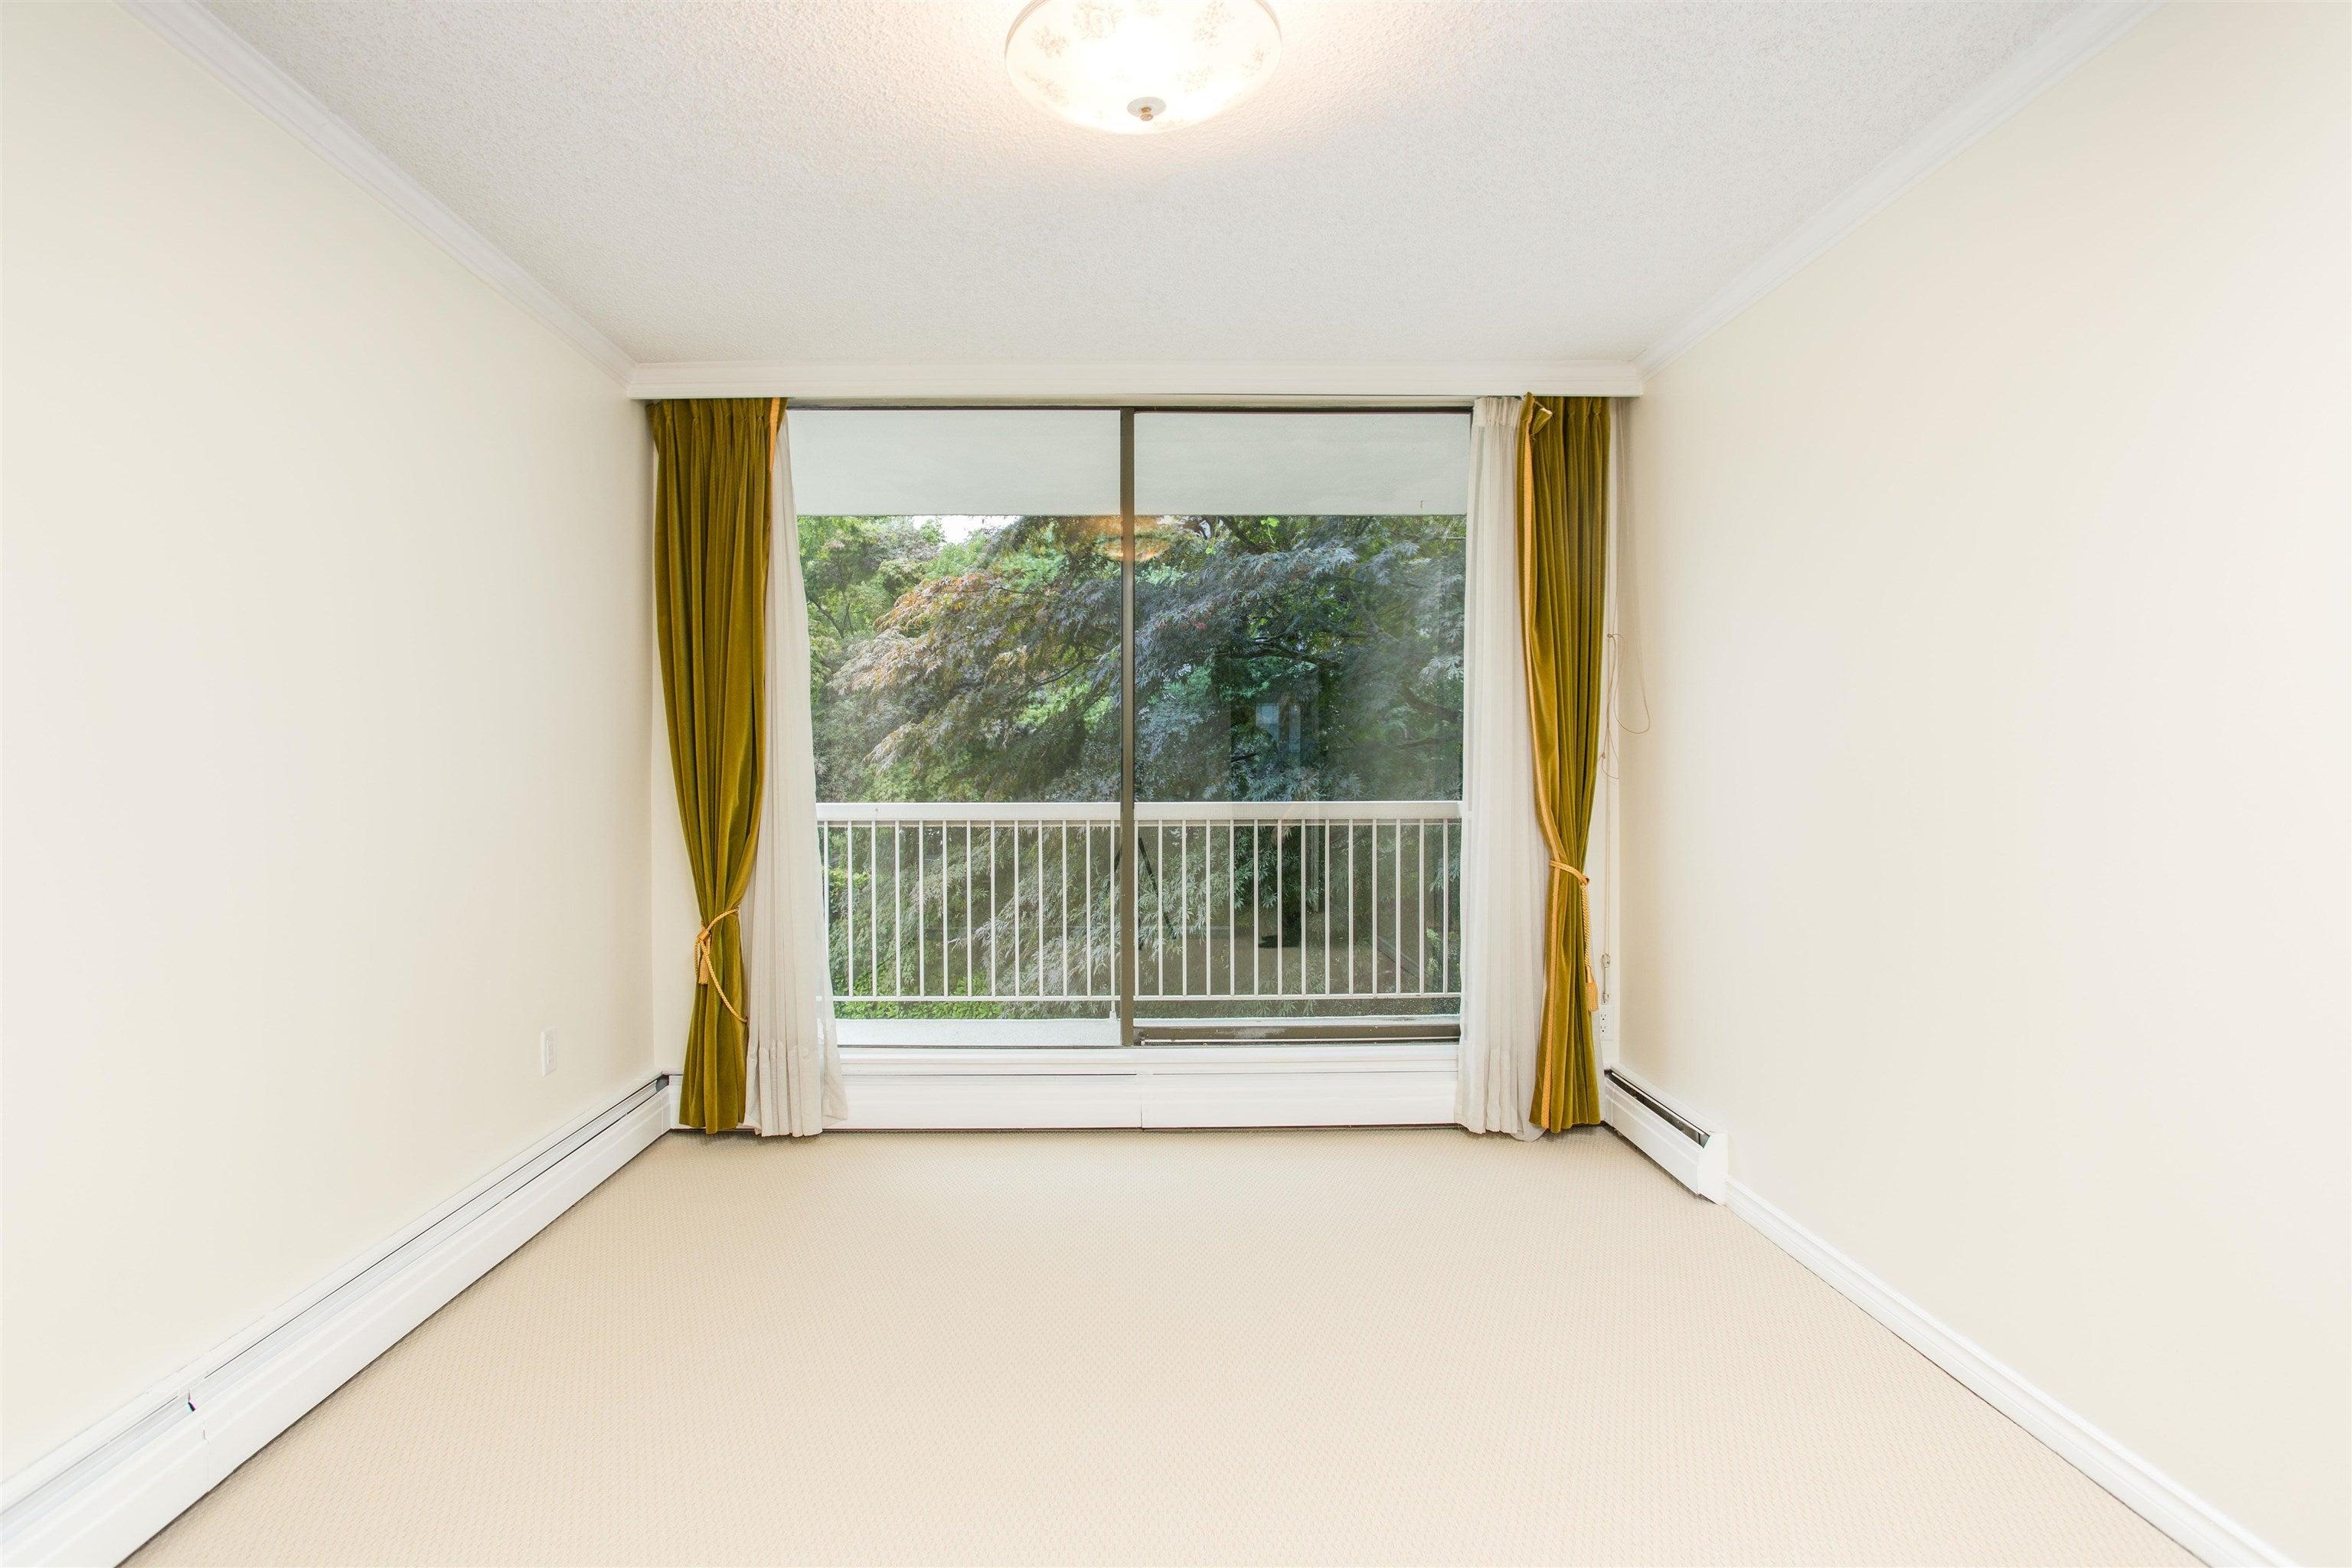 203 1390 DUCHESS AVENUE - Ambleside Apartment/Condo for sale, 1 Bedroom (R2611618) - #22